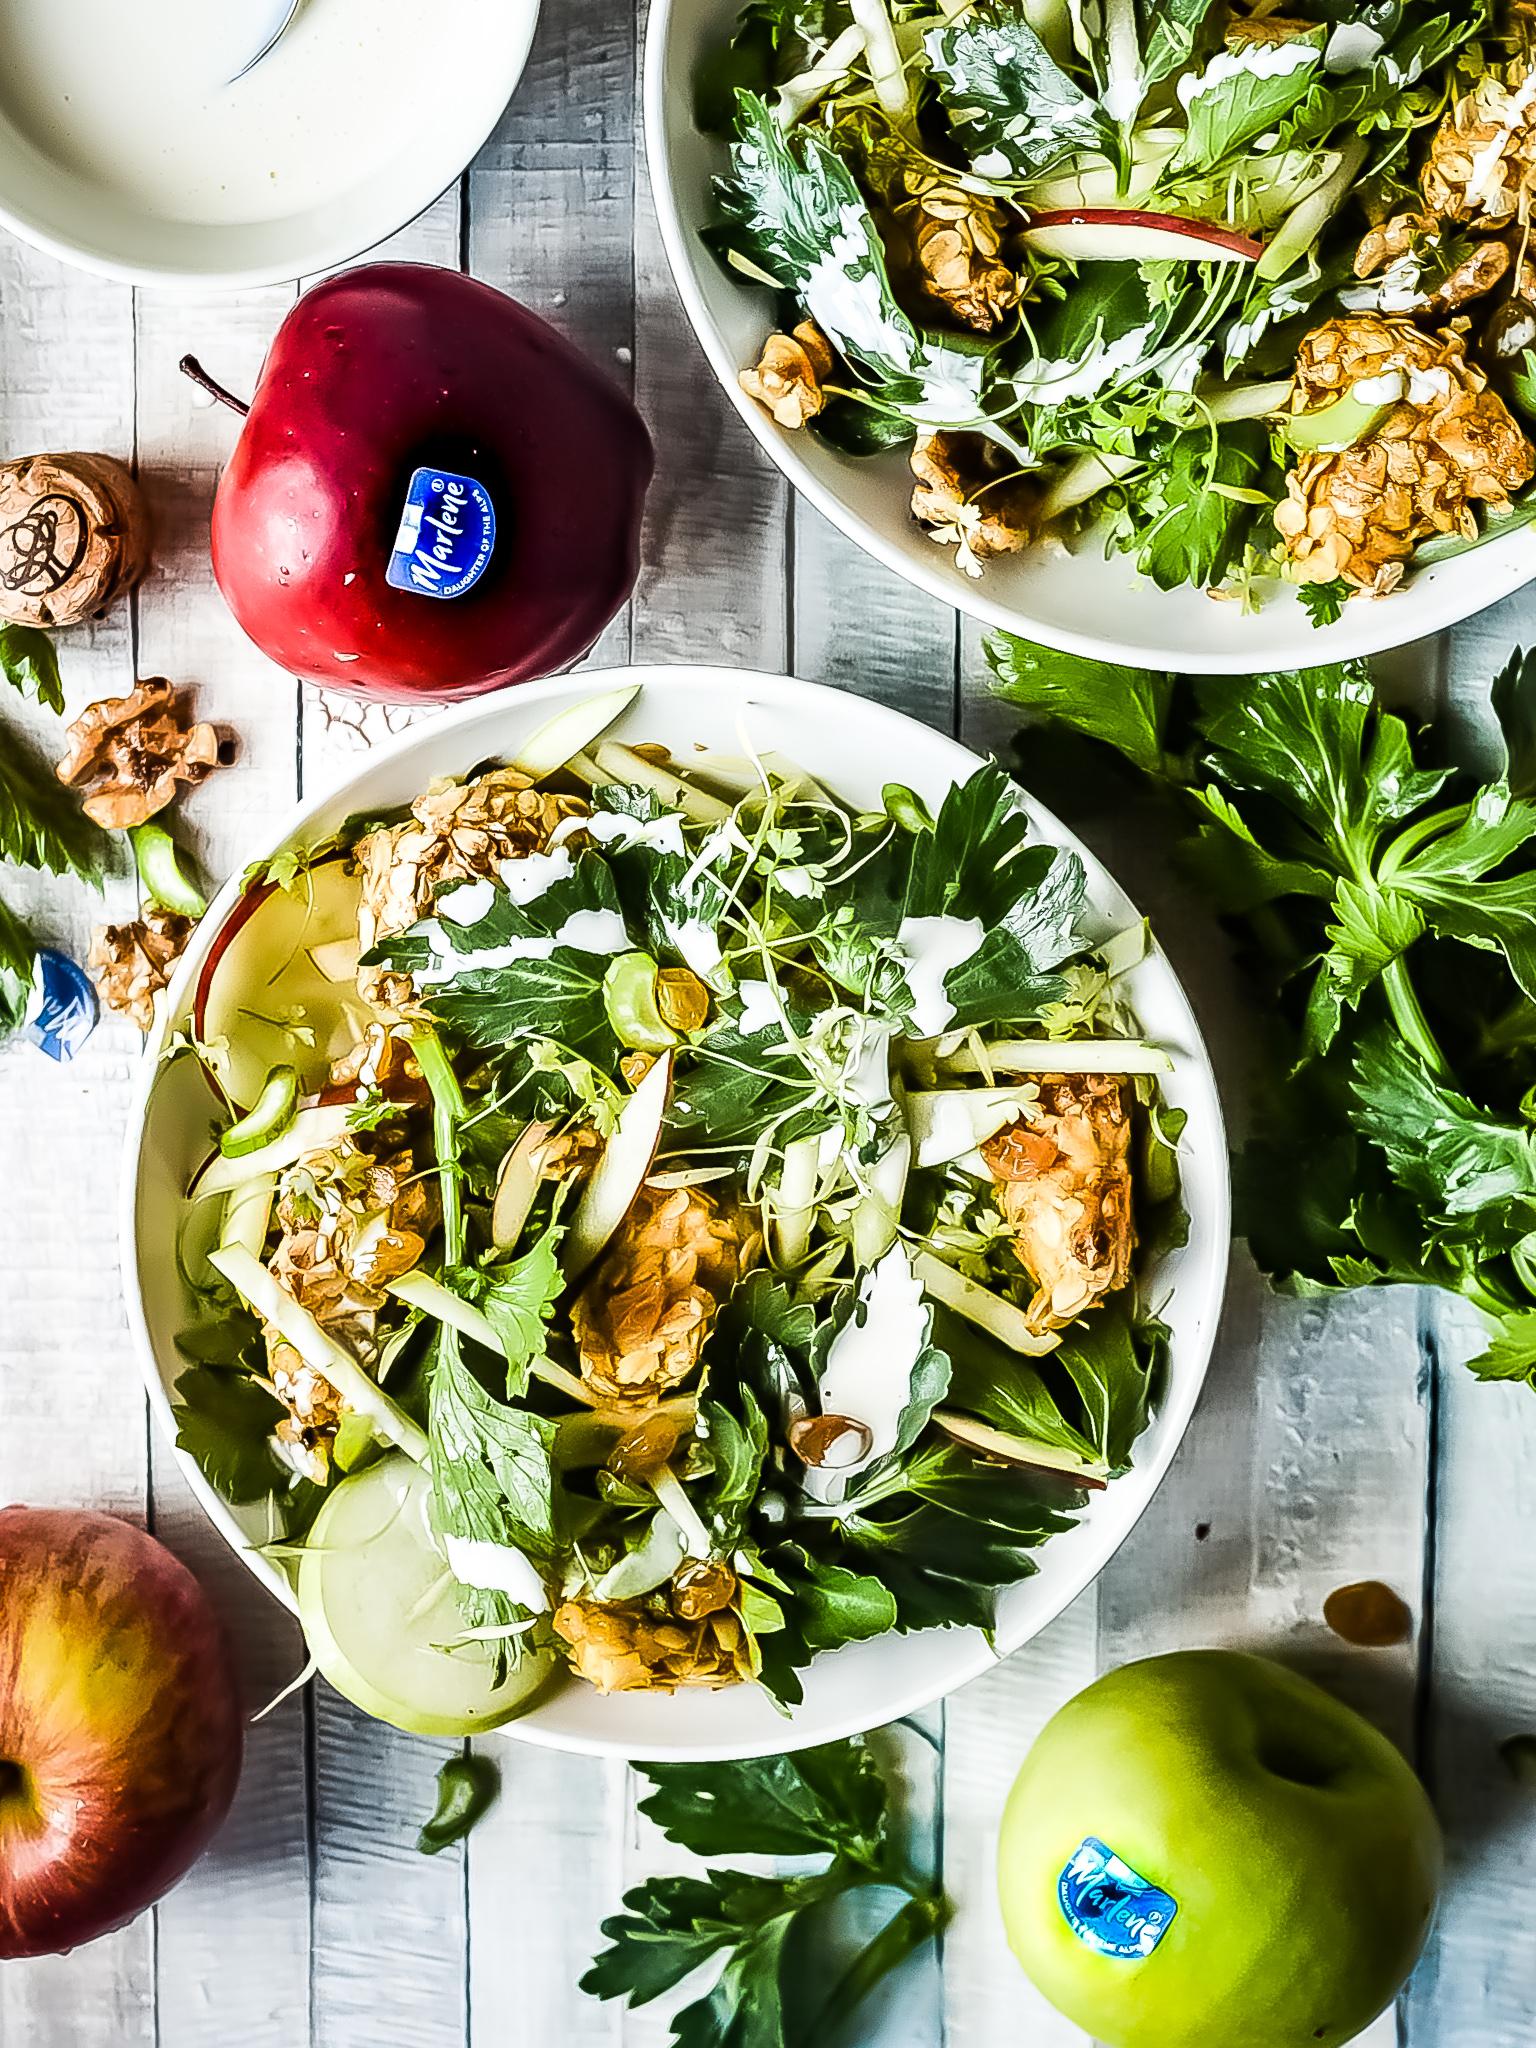 Genoeg Waldorf salade met krokante kip, cava dressing en Marlene appels @PH42